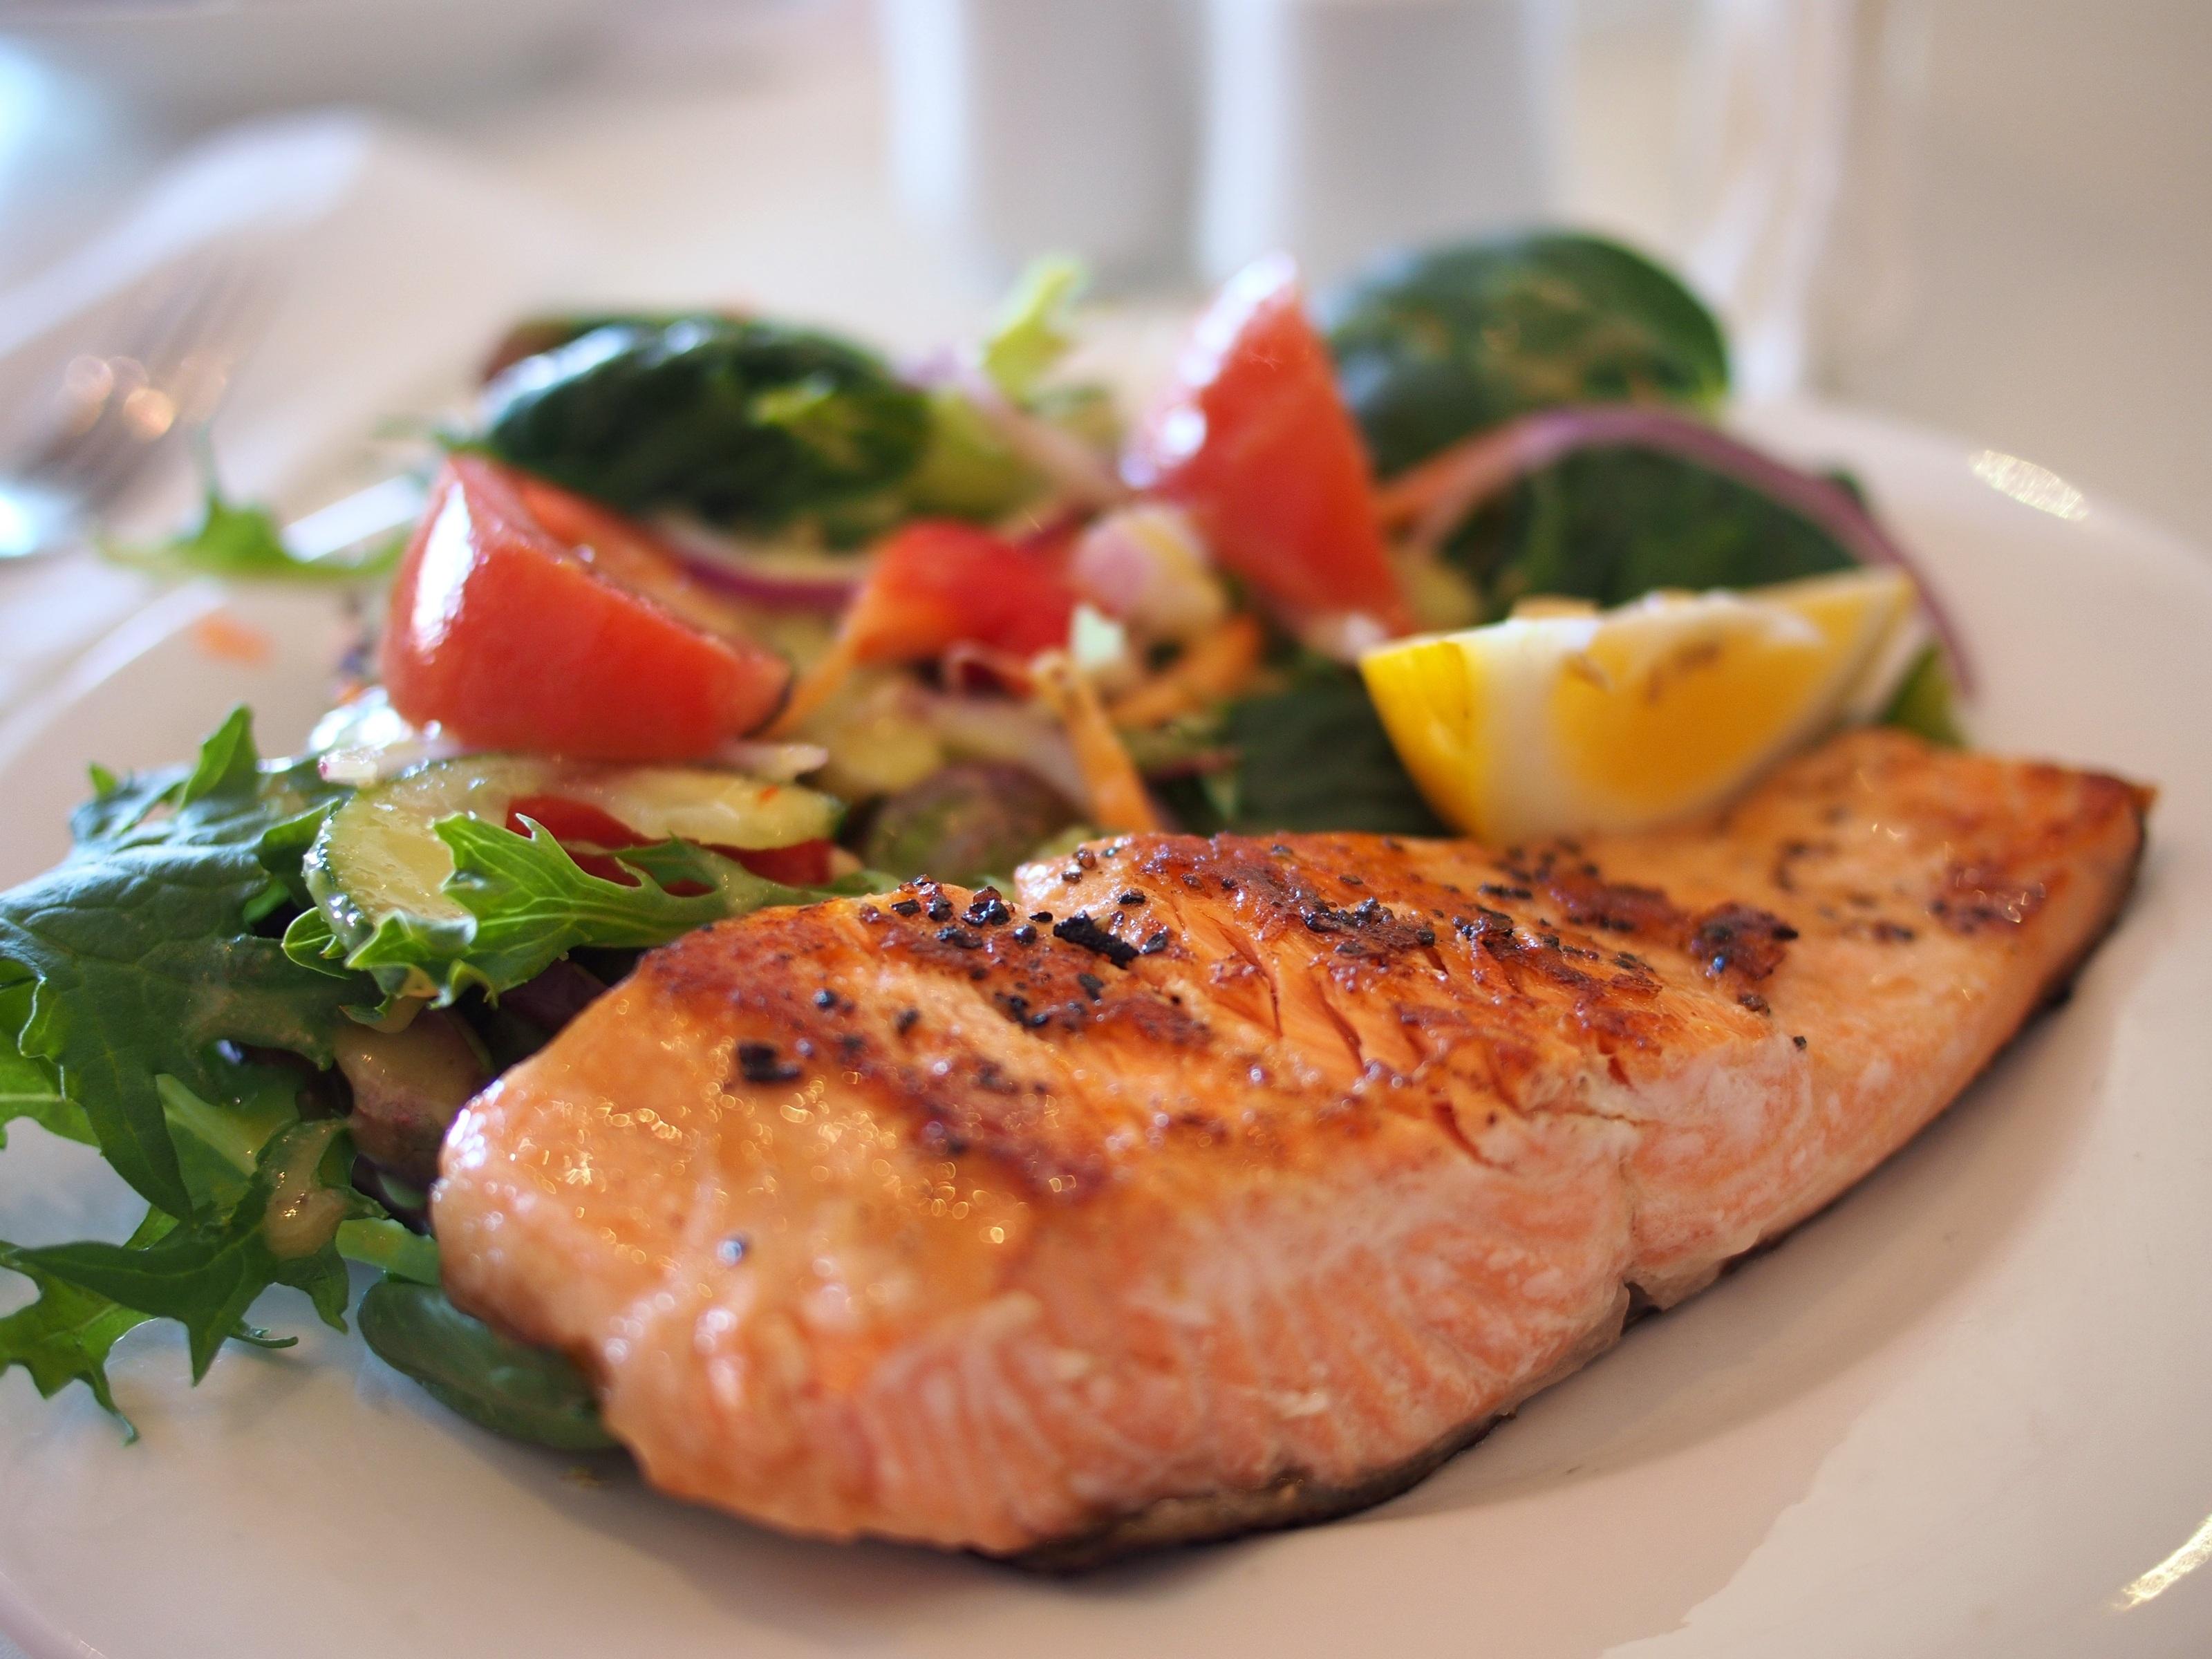 Salmón con verduras, una perfecta opción realfooder